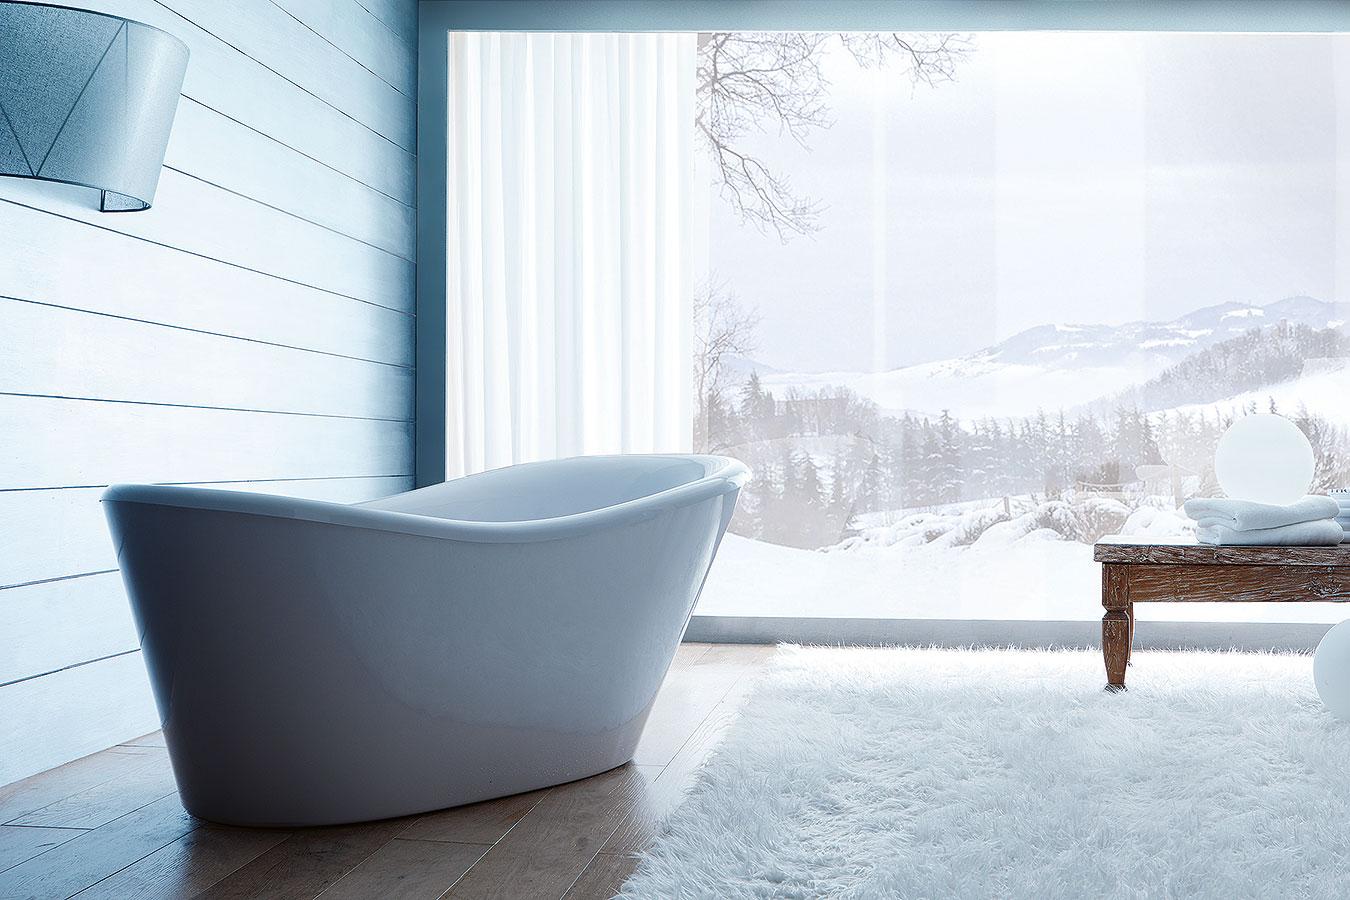 Vasche Da Bagno Treesse Listino Prezzi : Vasche da bagno treesse listino prezzi vasca da bagno doccia